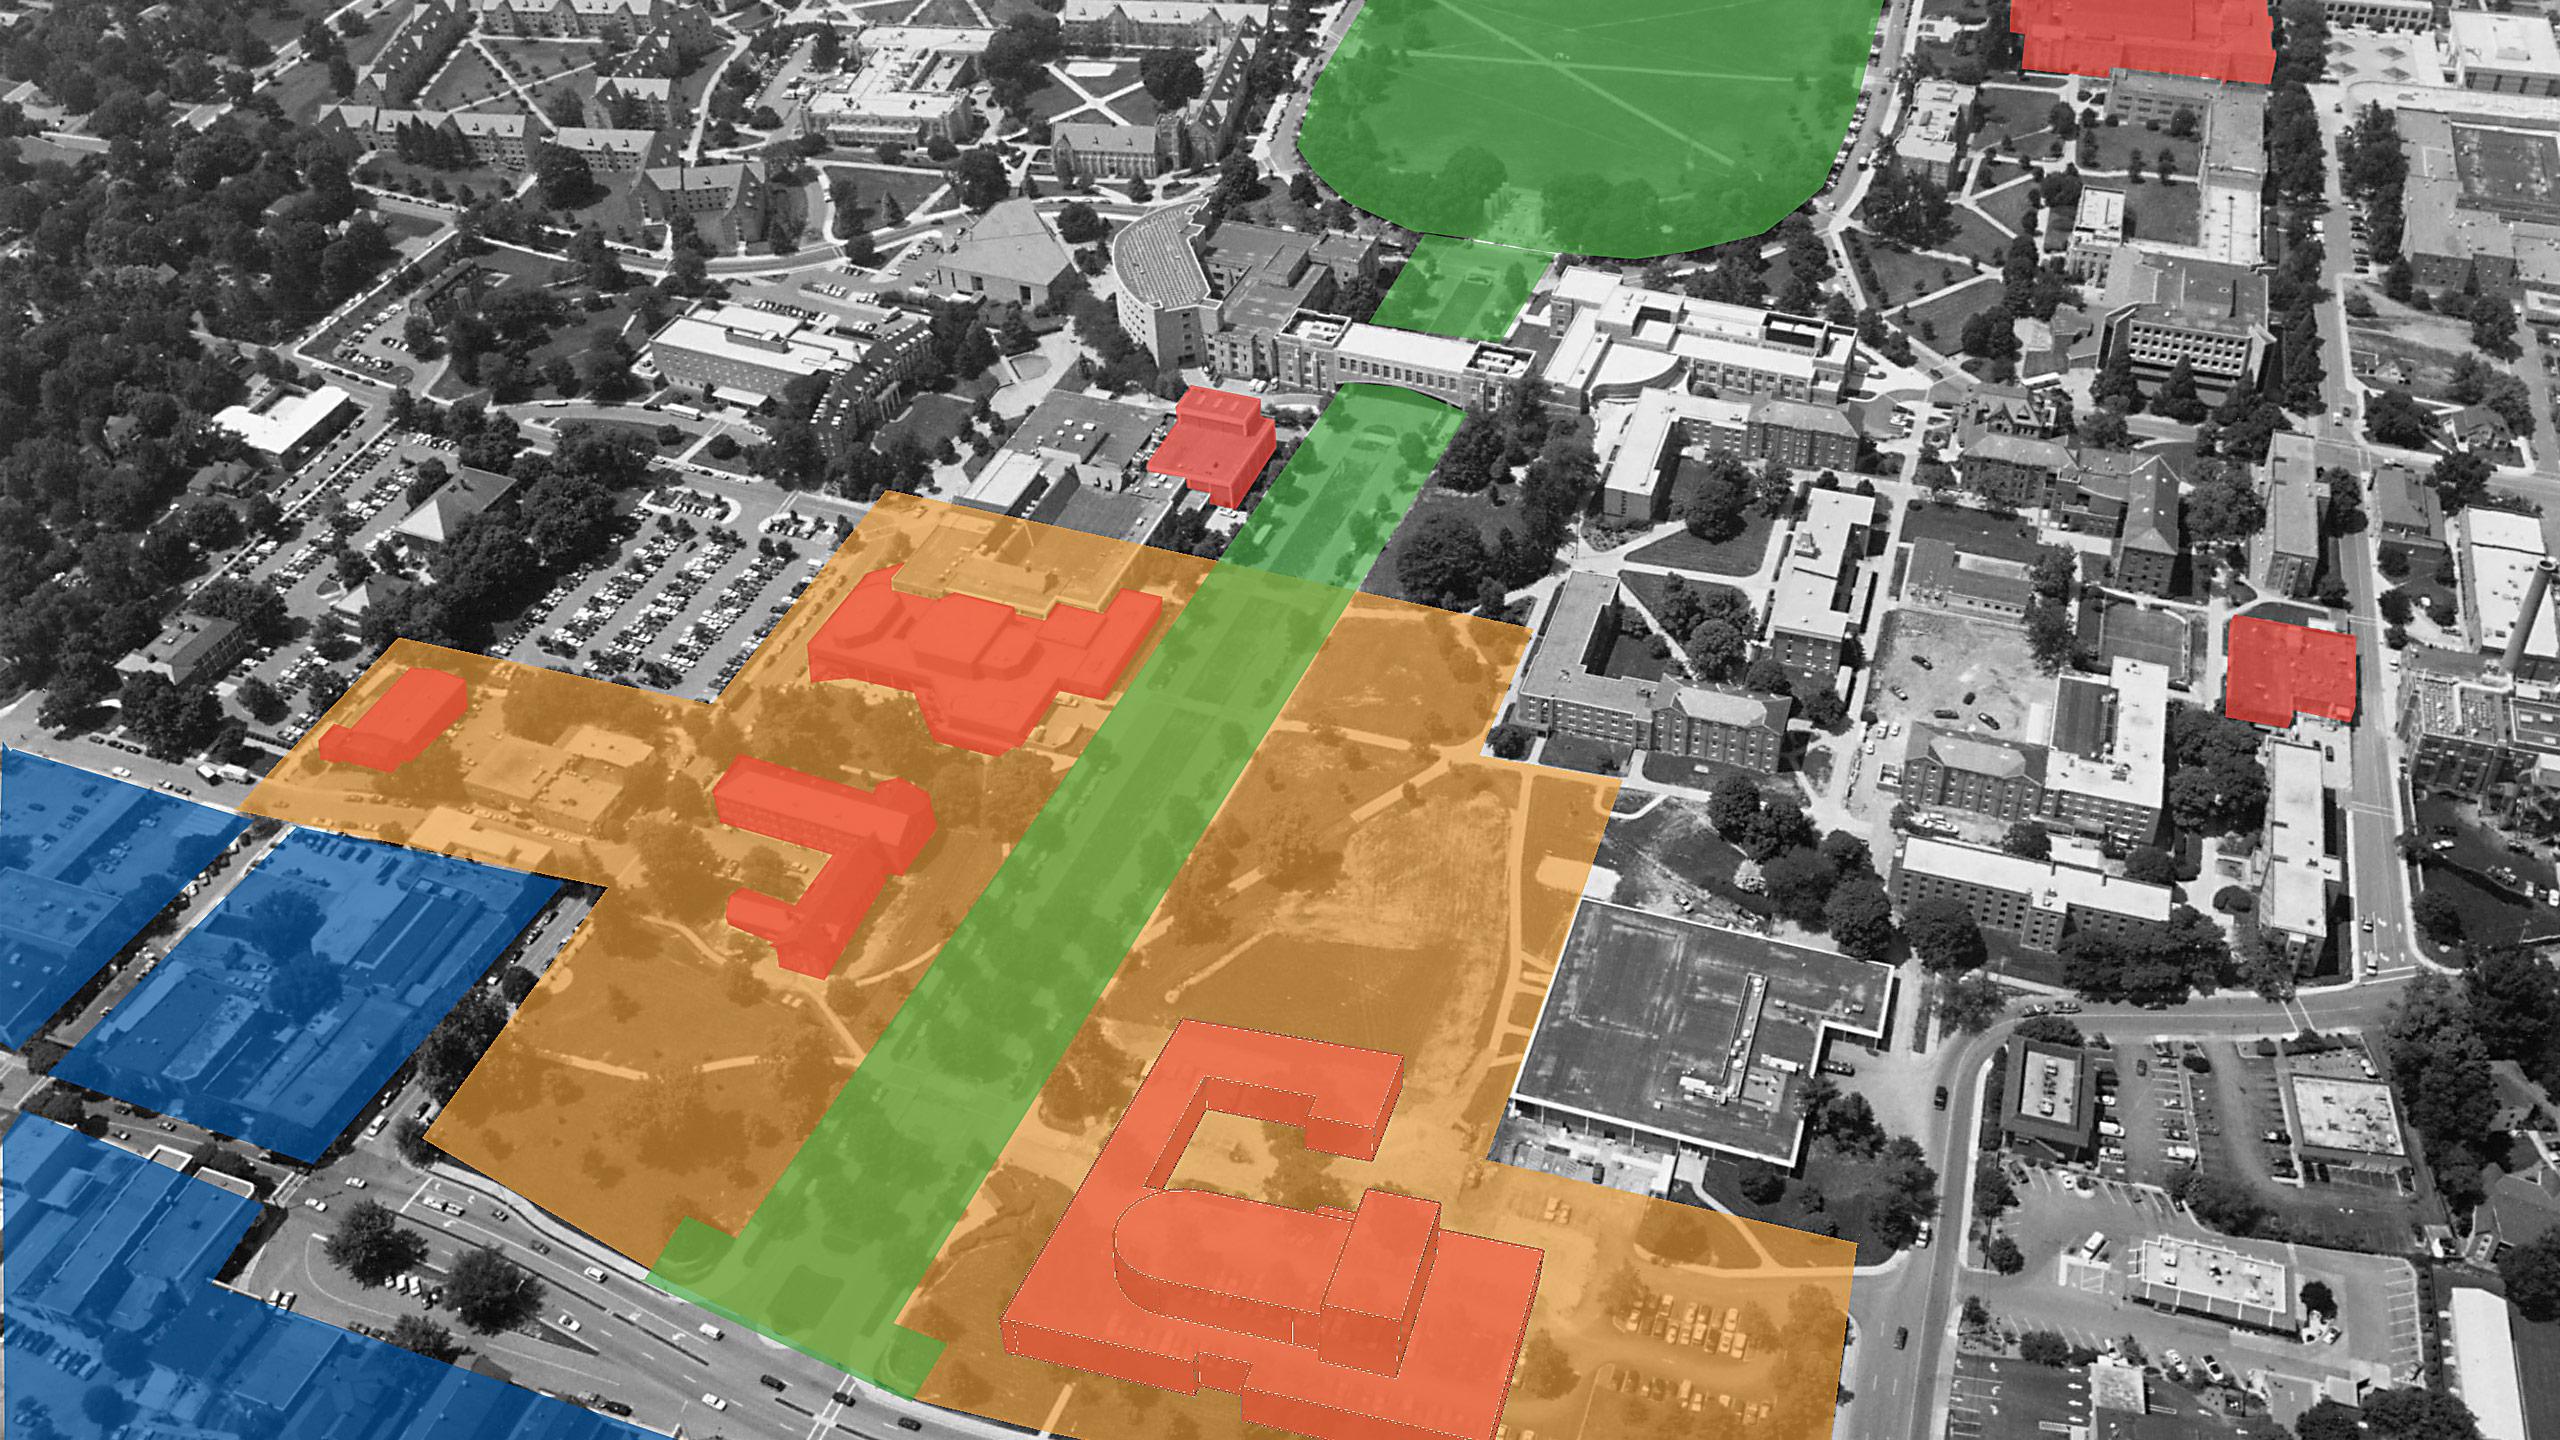 Arts Precinct Plan at Virginia Tech / image 2